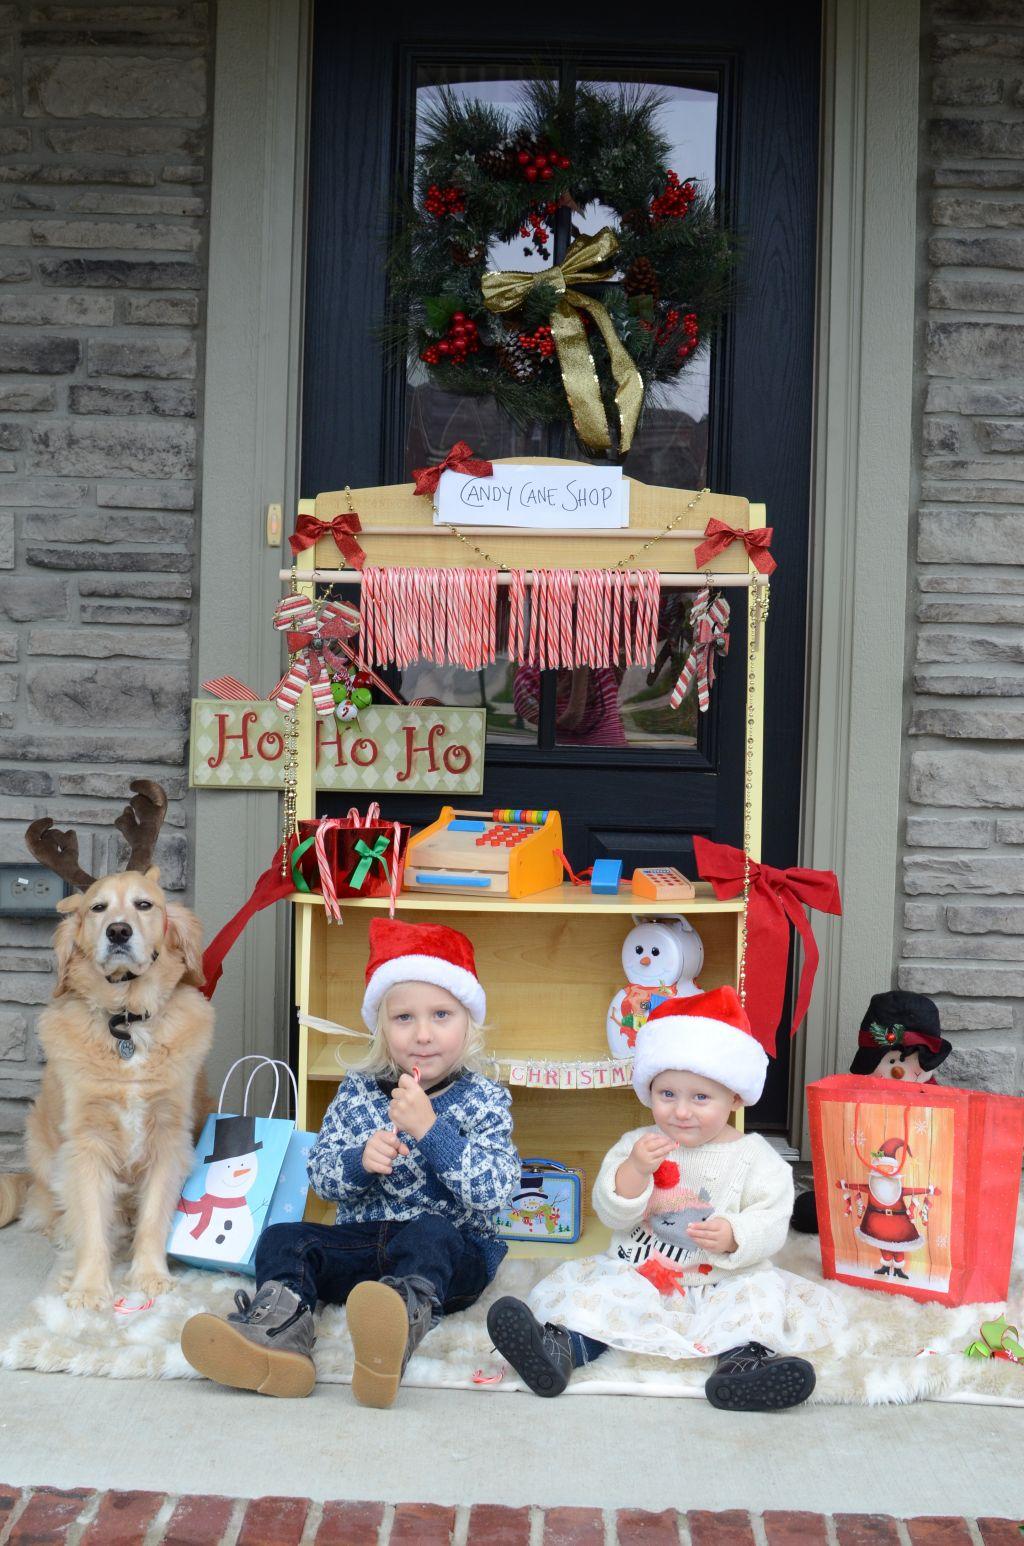 Ar de har bilderna arets gulligaste julkort